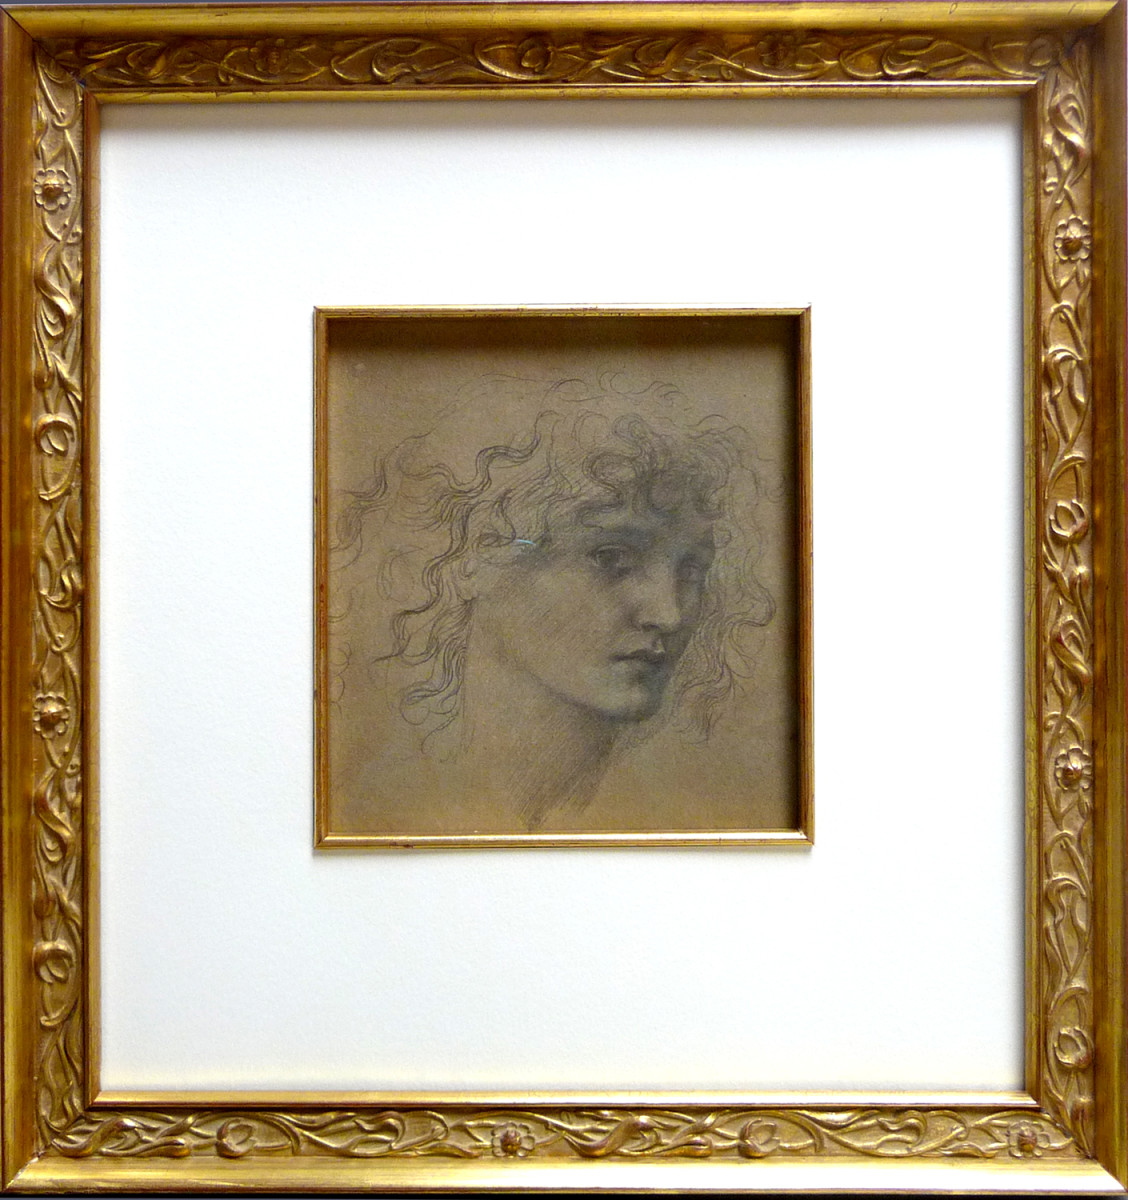 2072 - After Edward Burne-Jones by Frederick Hollyer (1837- 1933)